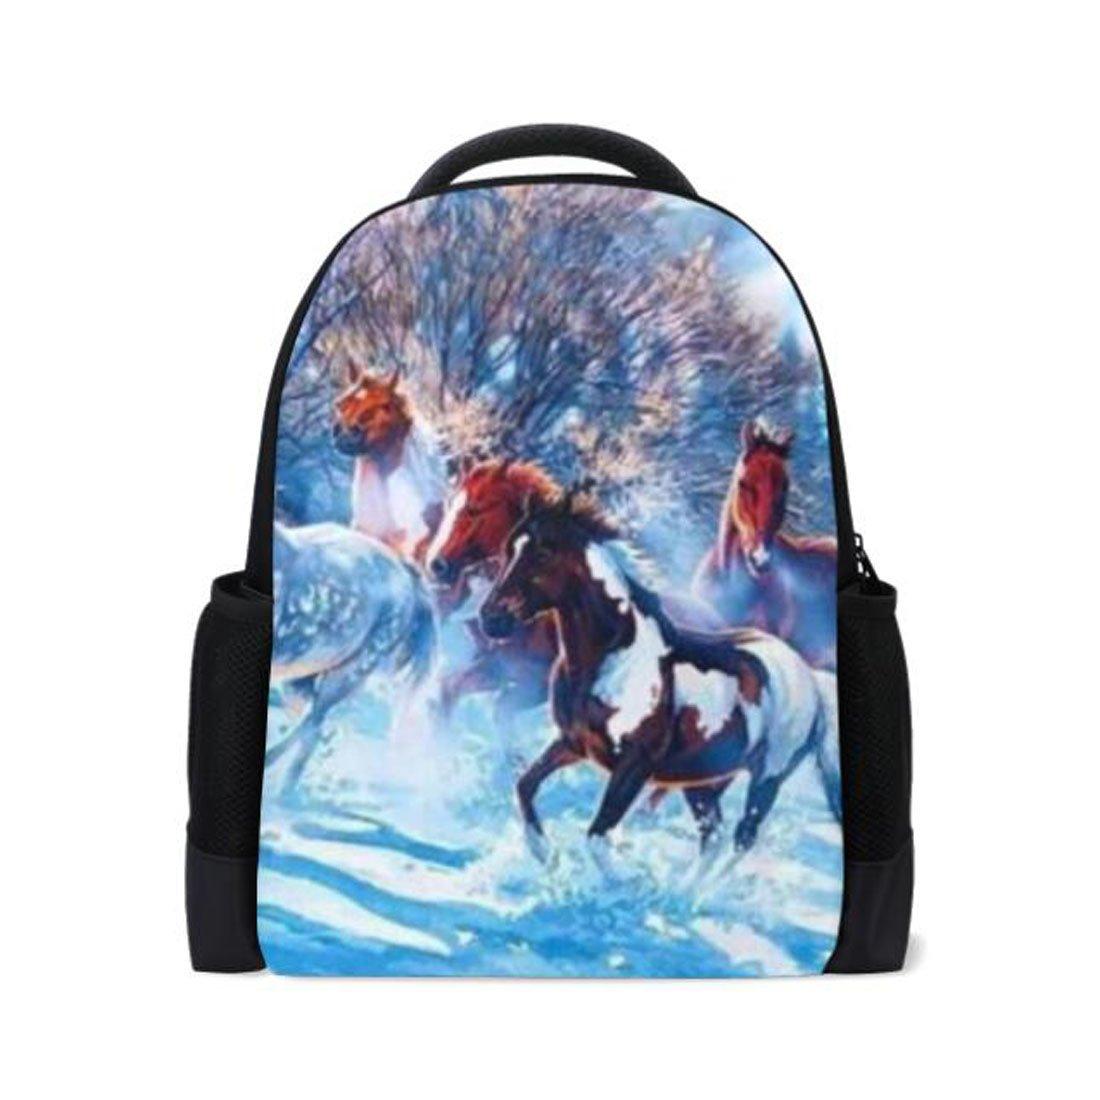 Amazon.com: Diseño de caballo abstracto mochila escolar ...